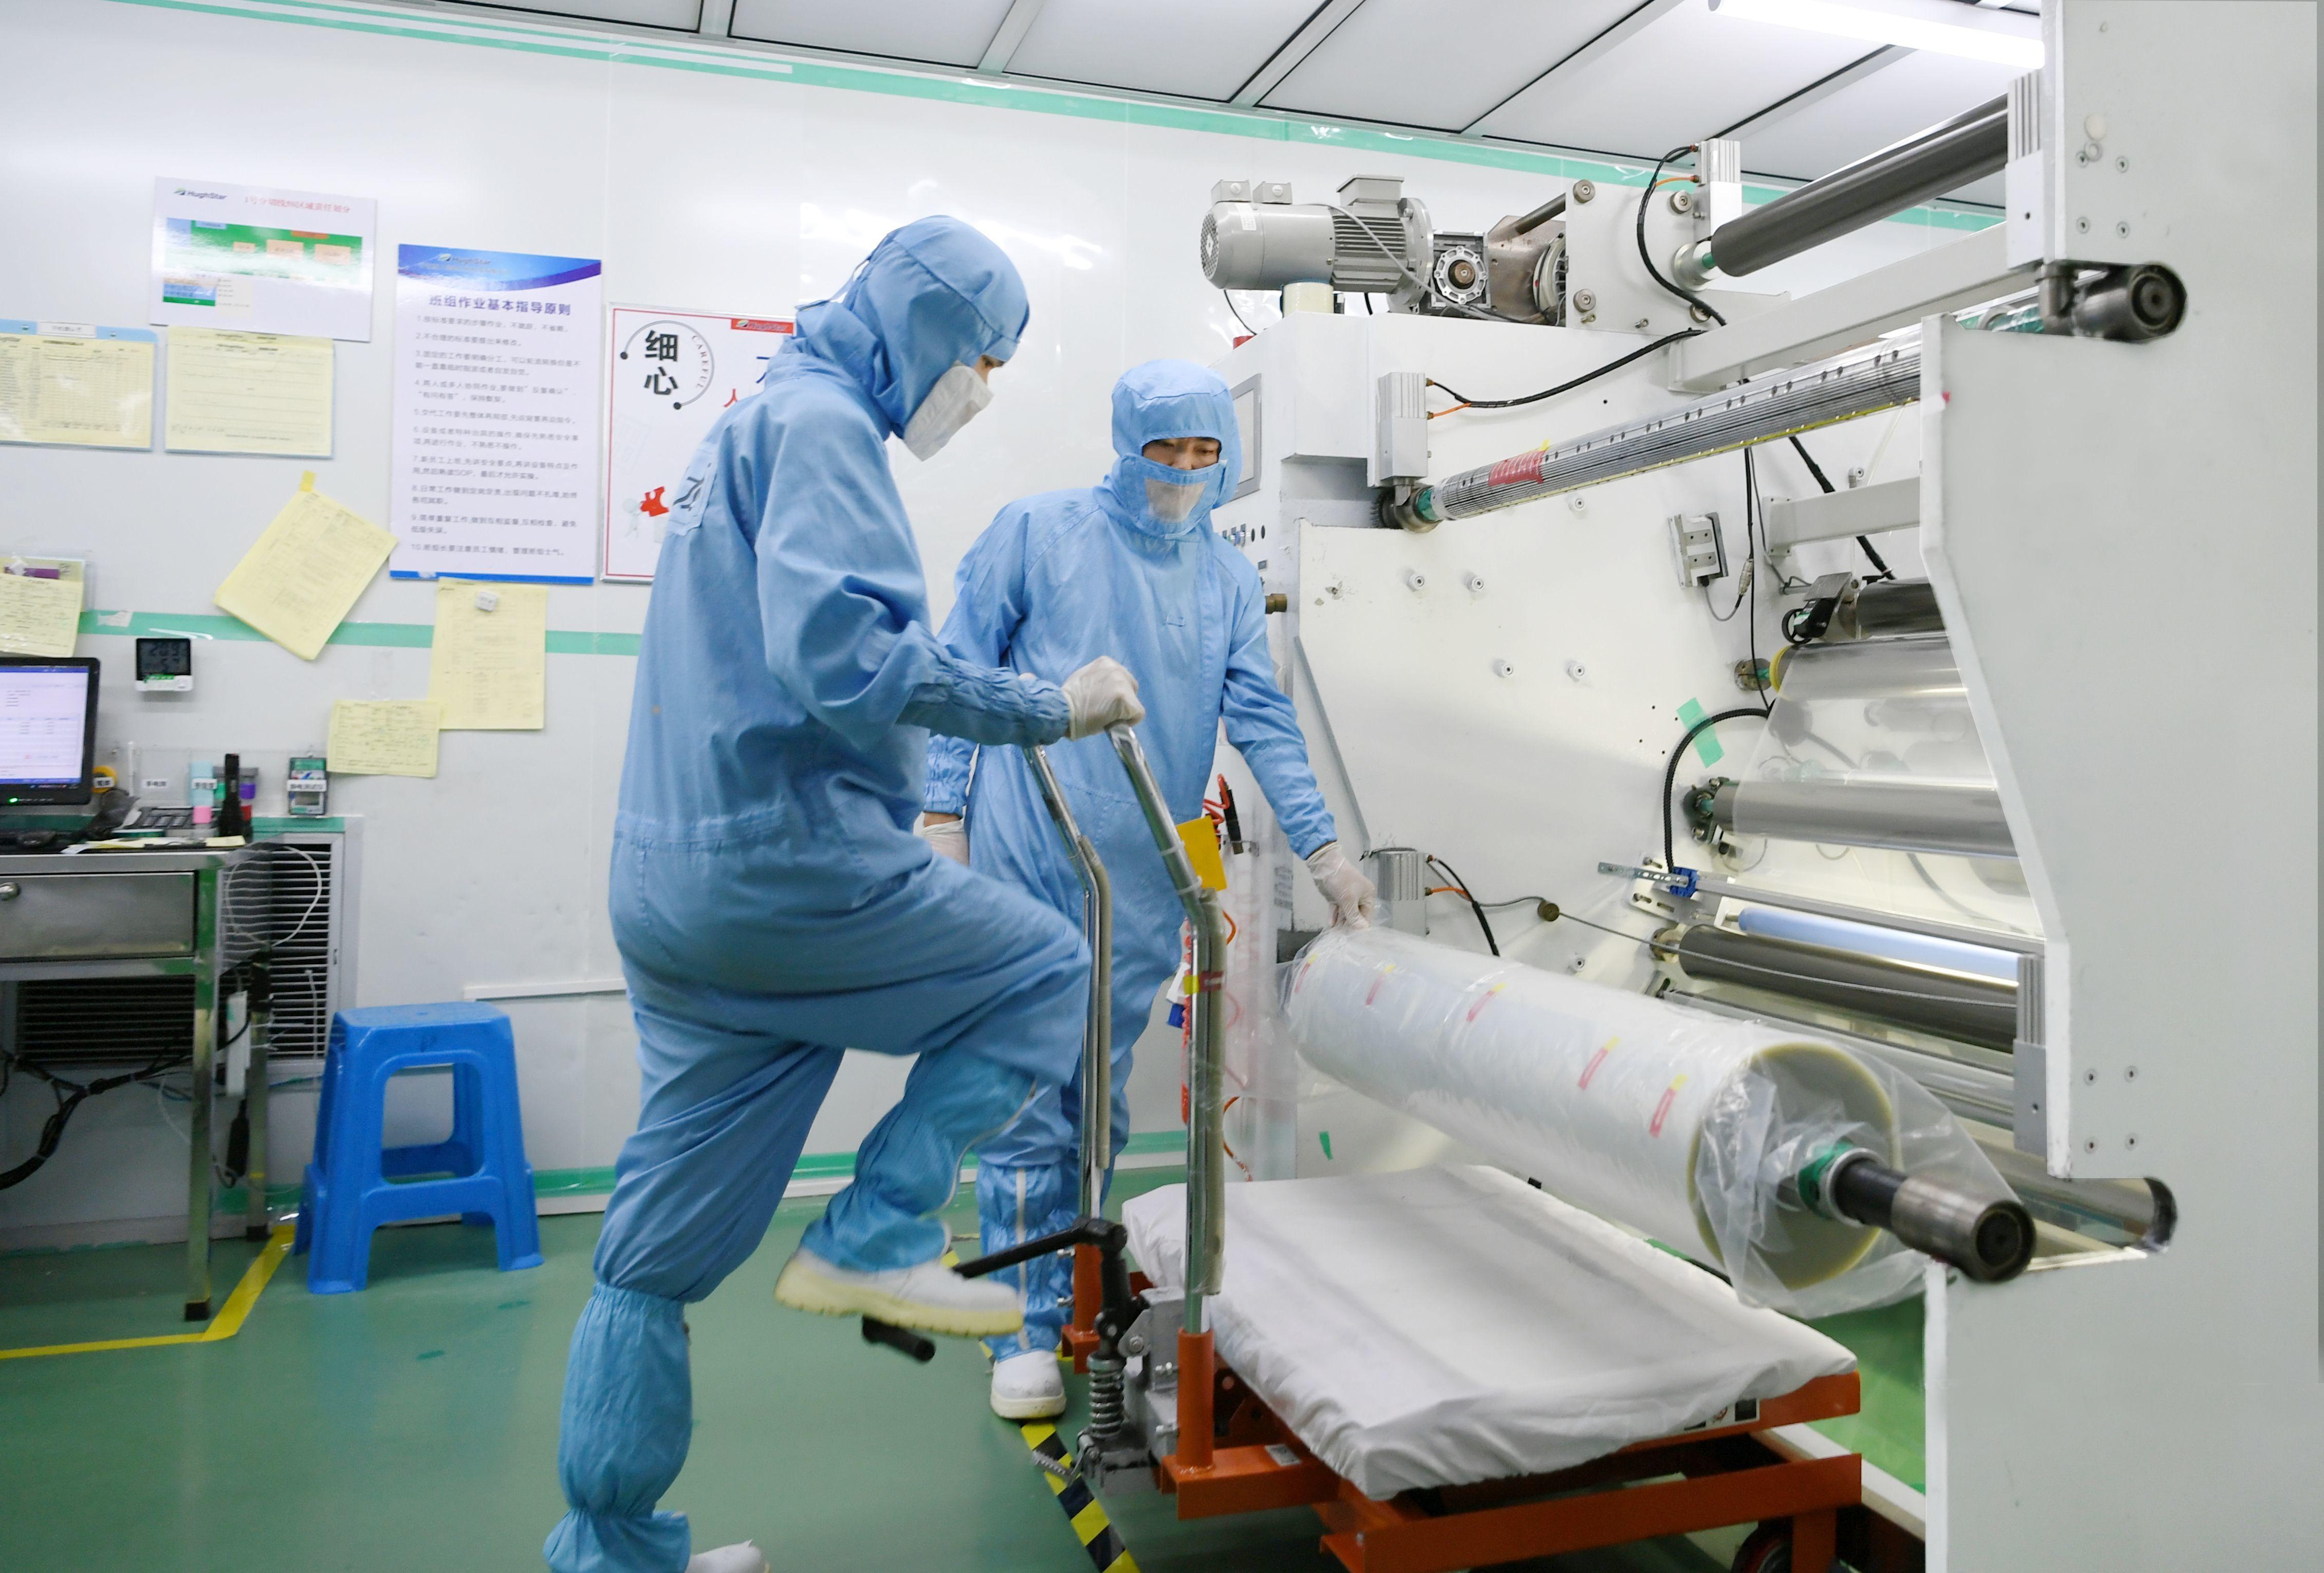 图为宁波惠之星新材料科技有限10bet十博官网登录平台工人们在生产车间工作。